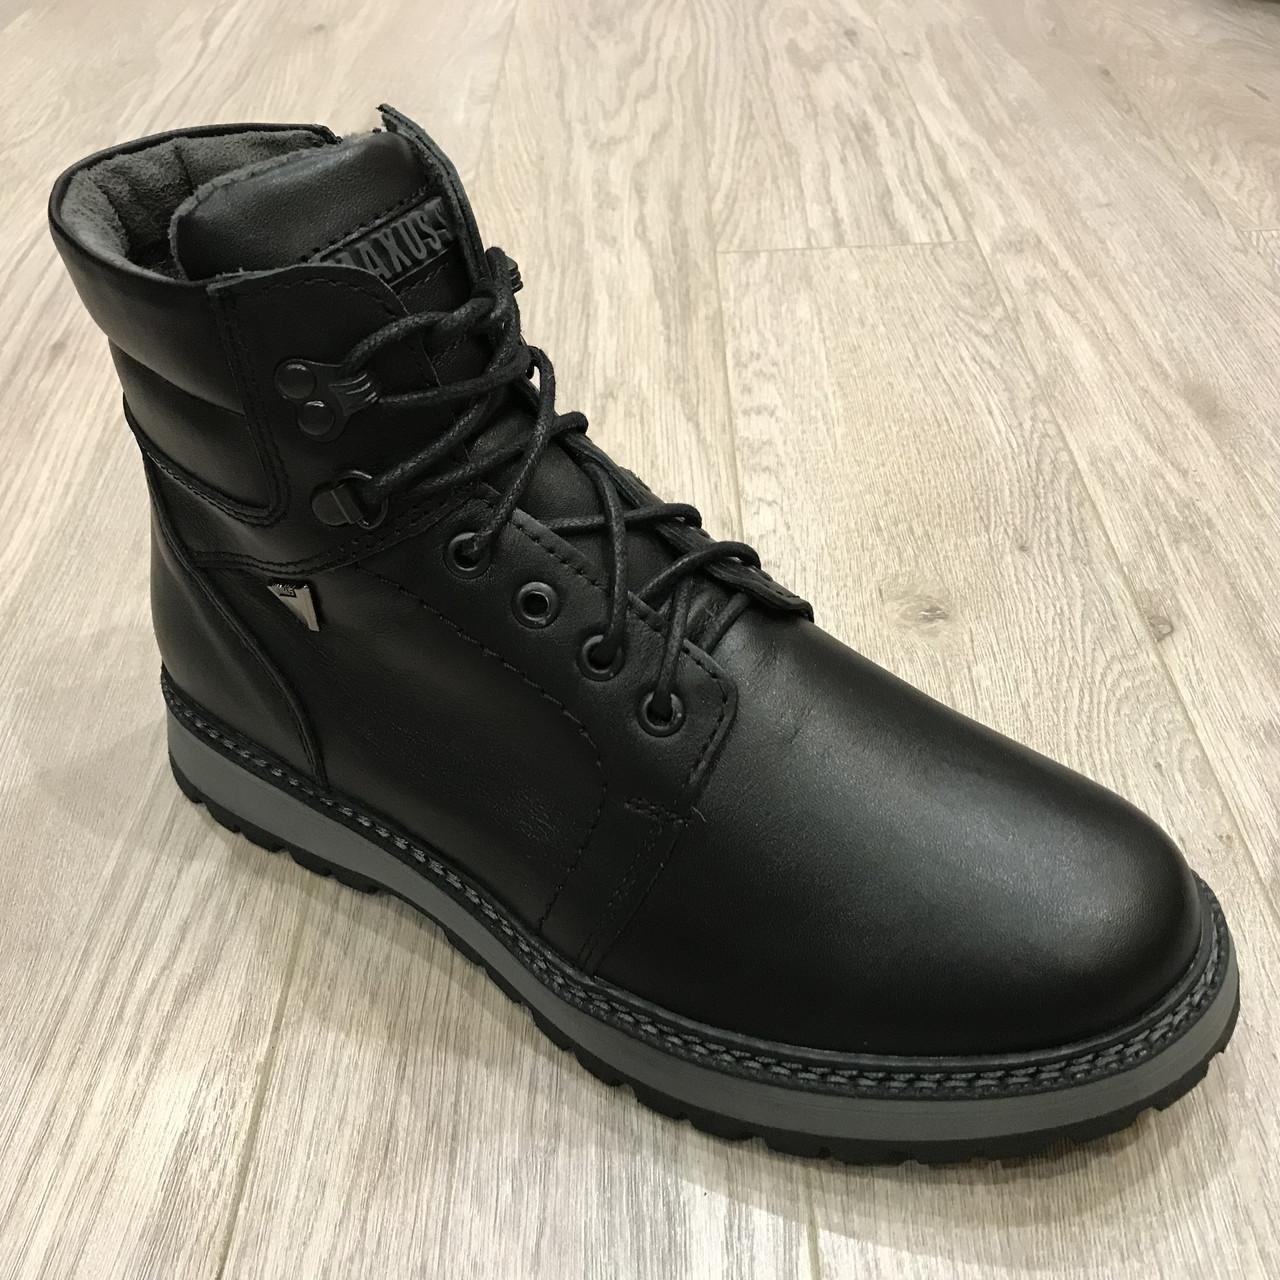 Мужские зимние ботинки Maxus / черные / 42/43/44 р